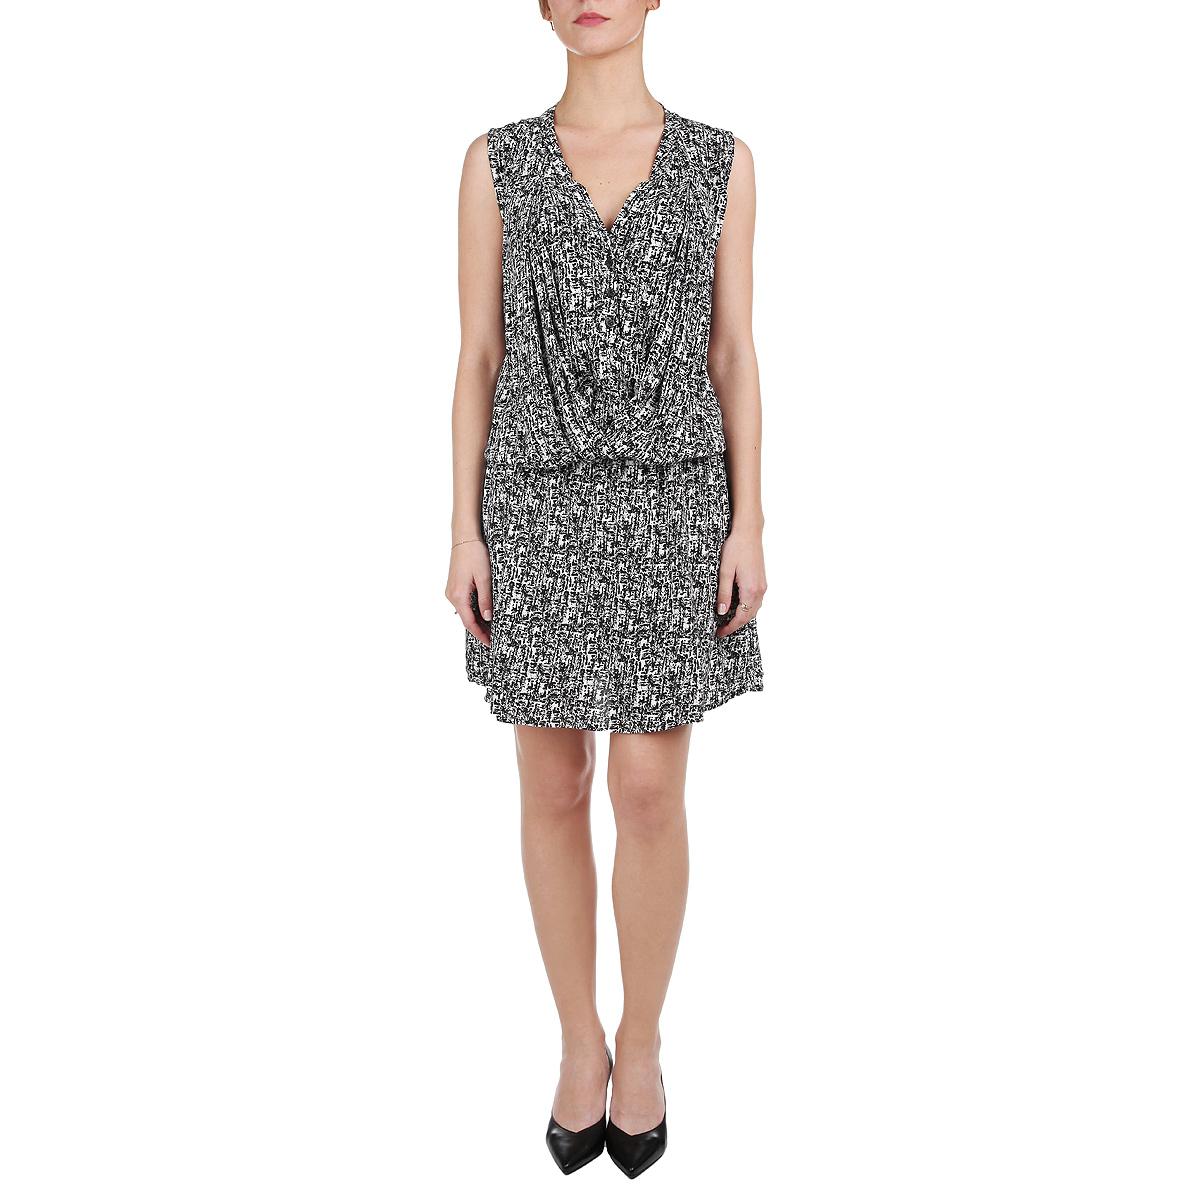 Платье. 1015265110152651 00BМодное летнее платье Broadway, выполненное из высококачественного материала, - прекрасный вариант для модных женщин, желающих подчеркнуть свою индивидуальность и хороший вкус. Модель с V-образным вырезом горловины, без рукавов, на груди застегивается на пуговки. Линию талии подчеркивает эластичная резинка. Платье оформлено декоративной драпировкой на груди. Лаконичный дизайн и совершенство стиля подчеркнут вашу индивидуальность.